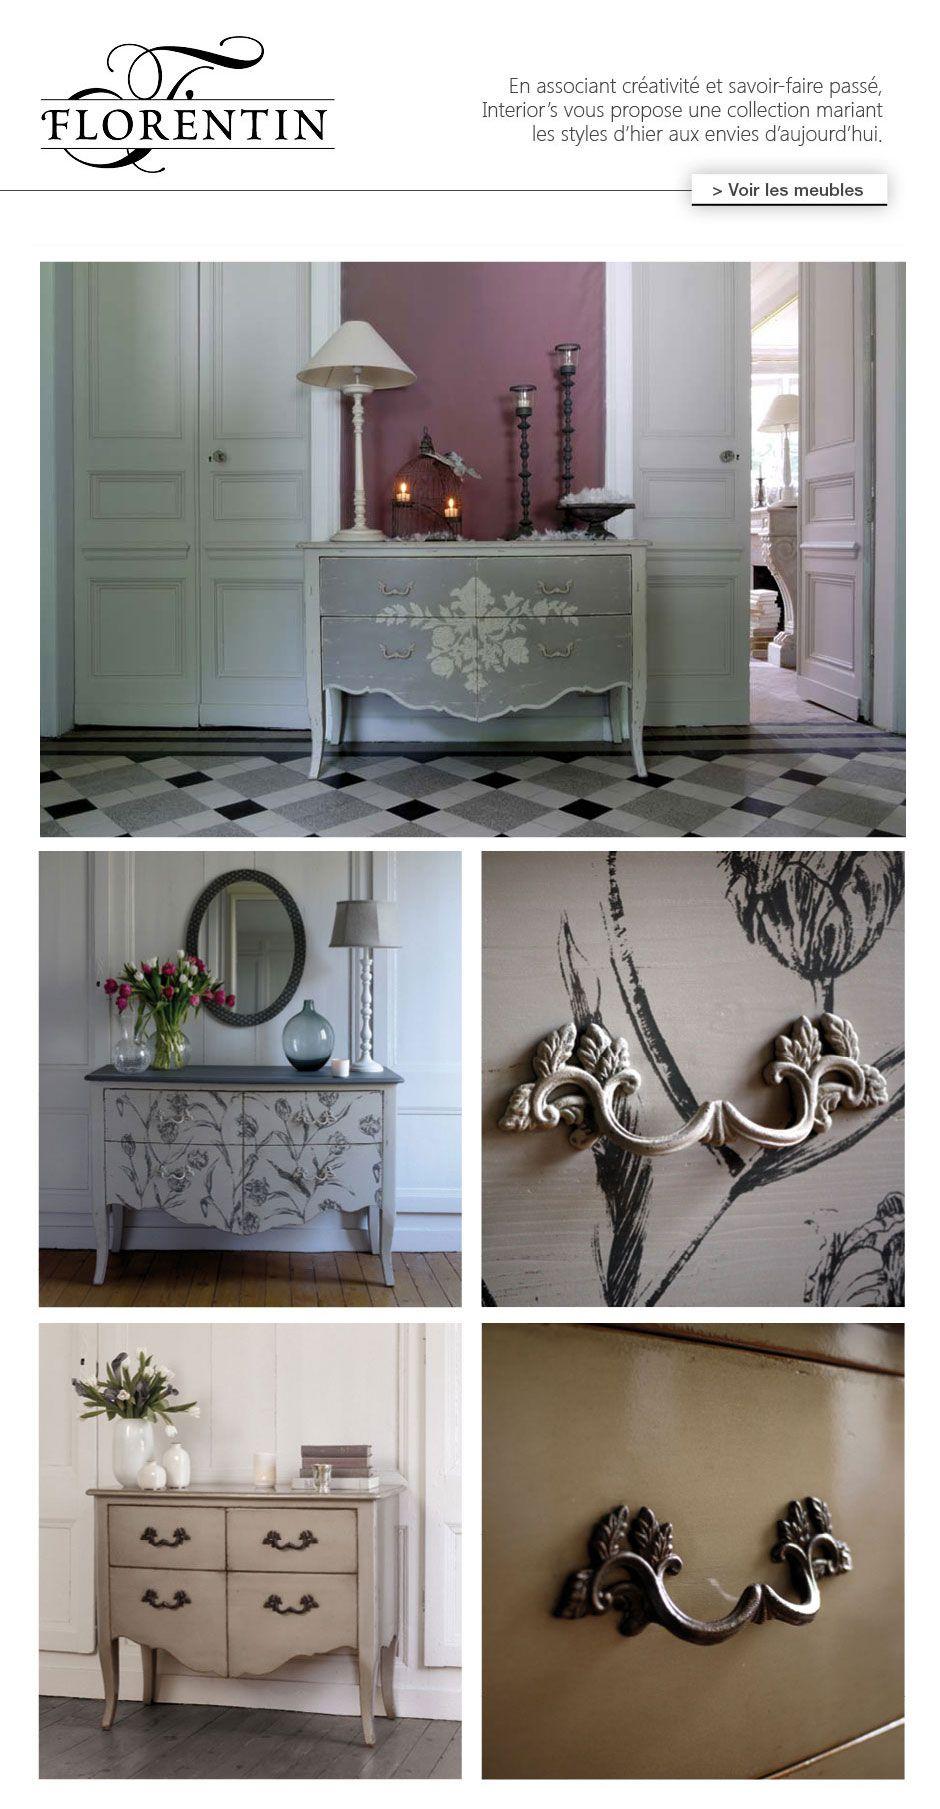 Meuble epicea massif meubles associant cr ativit et savoir faire pass i - Soldes interiors meubles ...